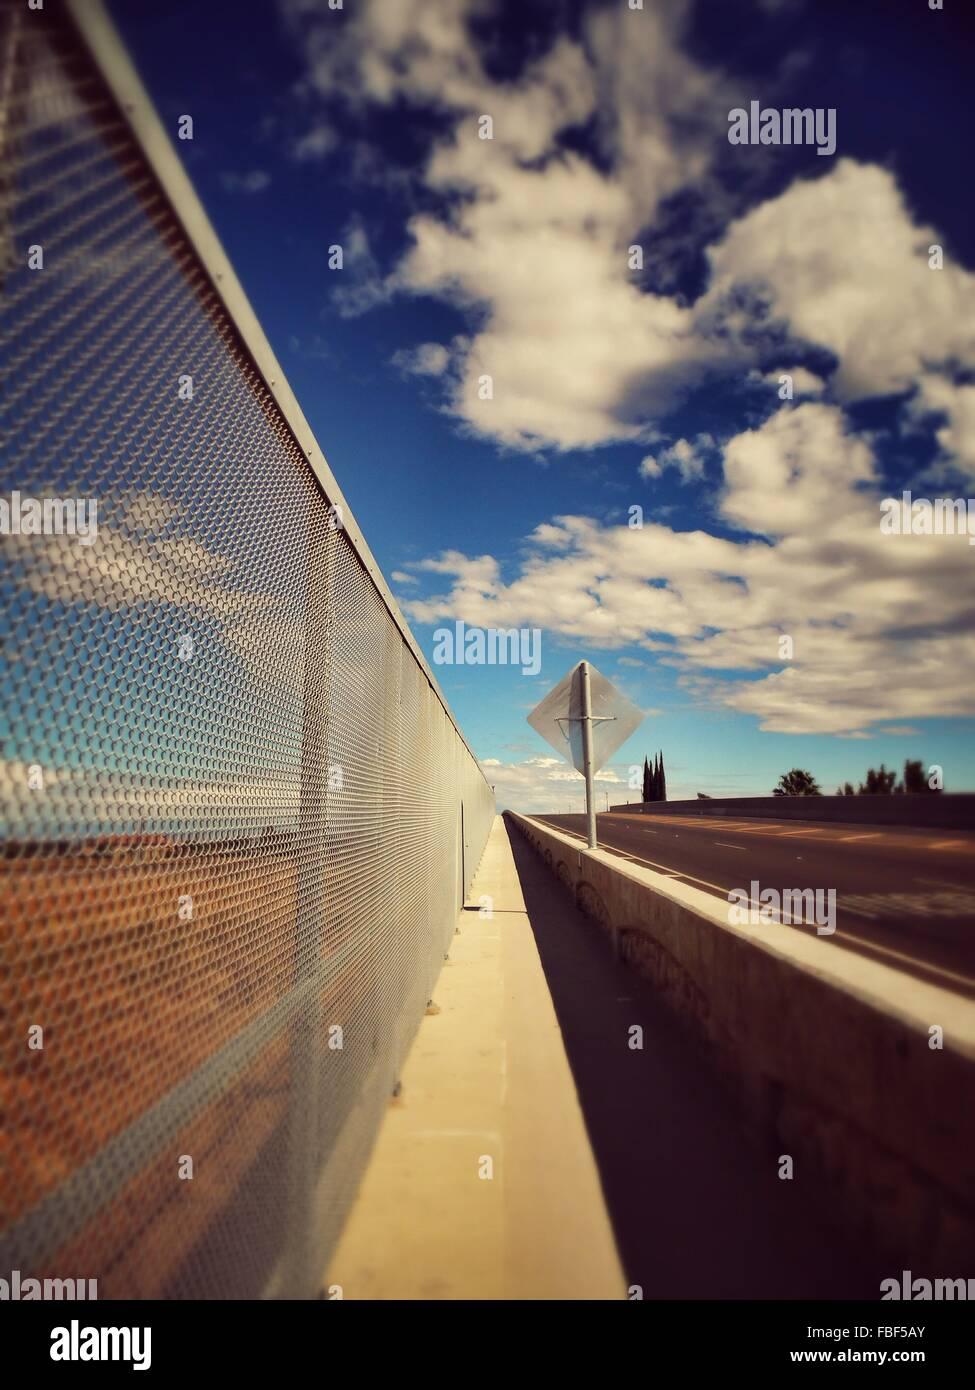 Senda de valla contra el cielo nublado Imagen De Stock